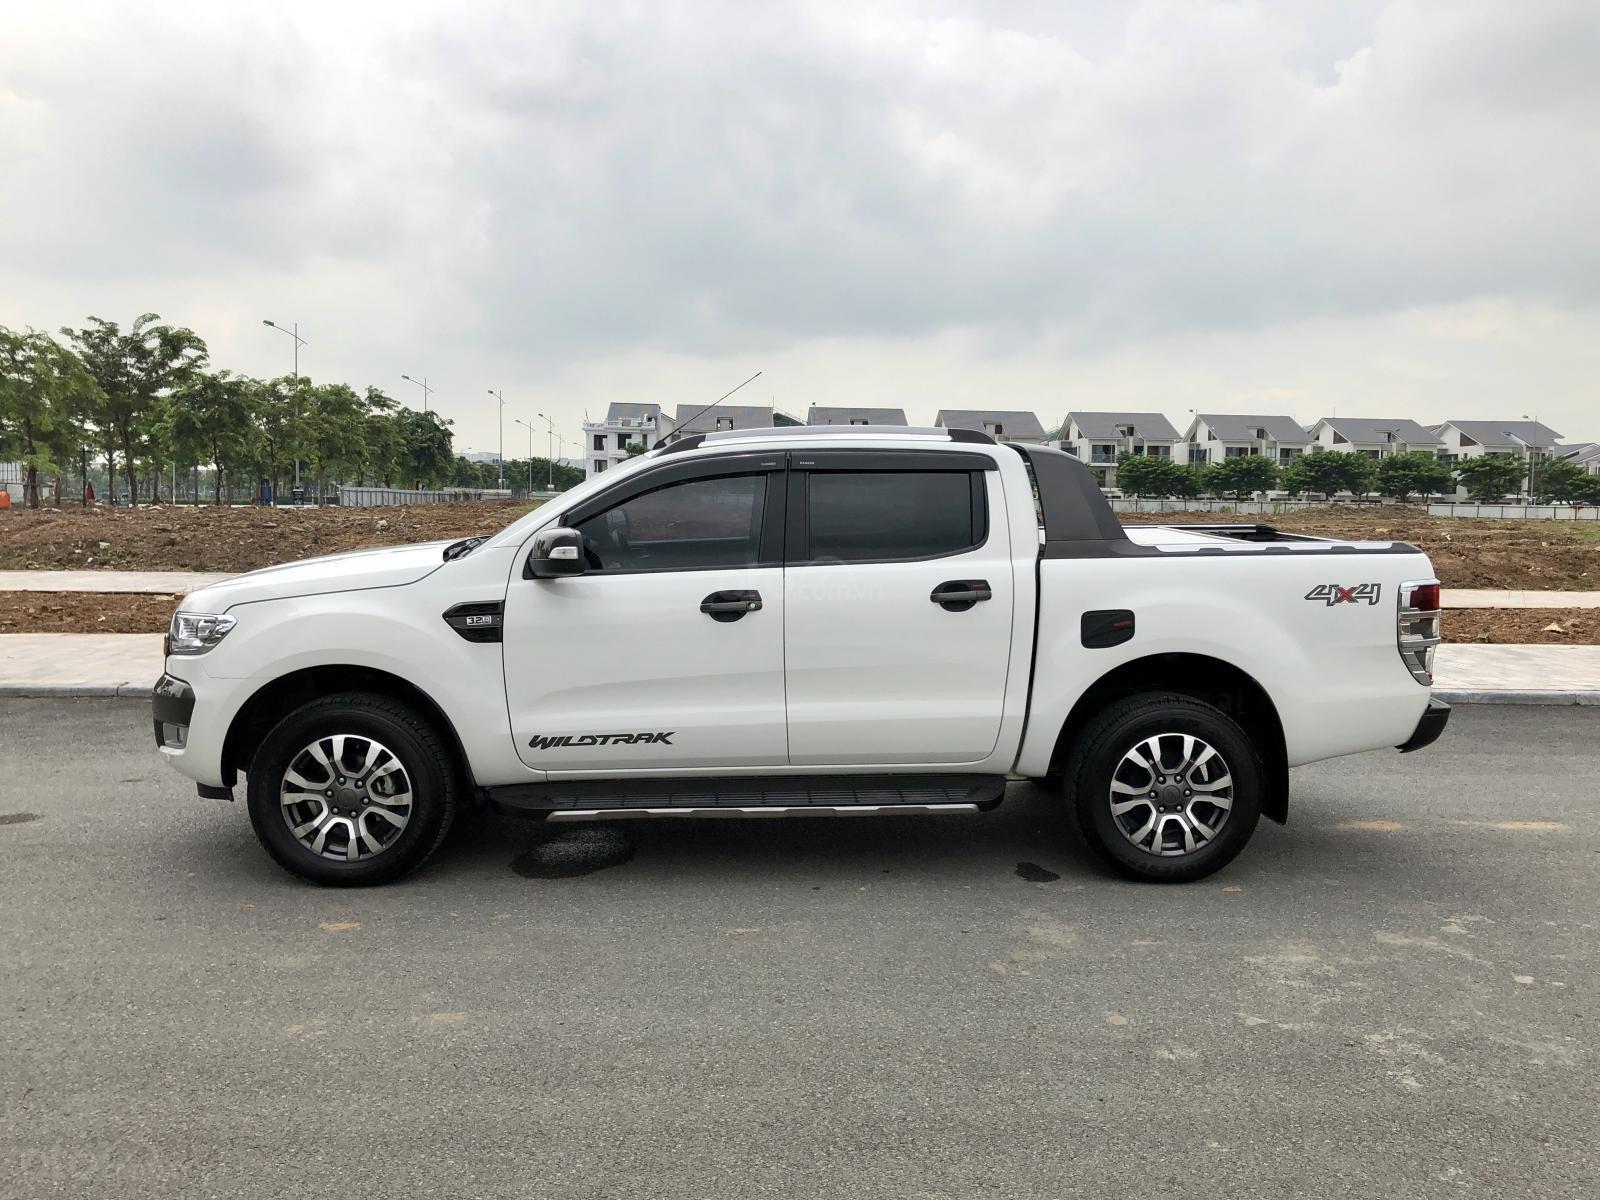 Bán  xe Ford Ranger Wildtrak 3.2 Sync 3 tên tư nhân, biển Hà Nội (5)